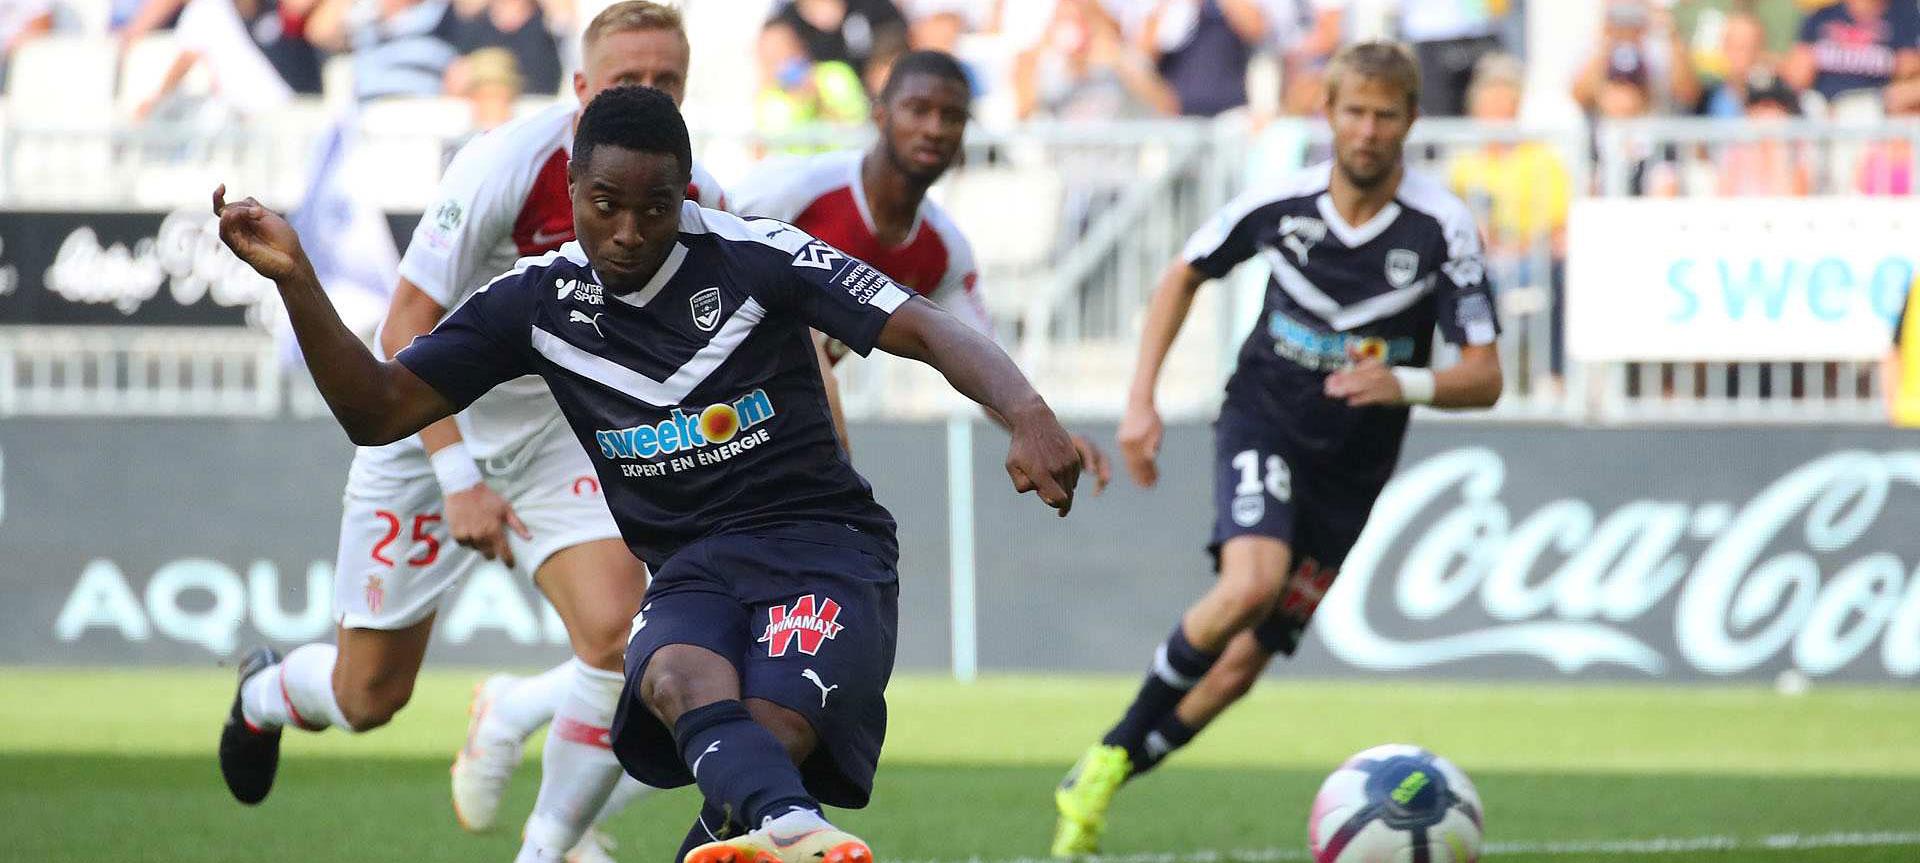 FCGB - Nîmes : Le point de vue de notre adversaire